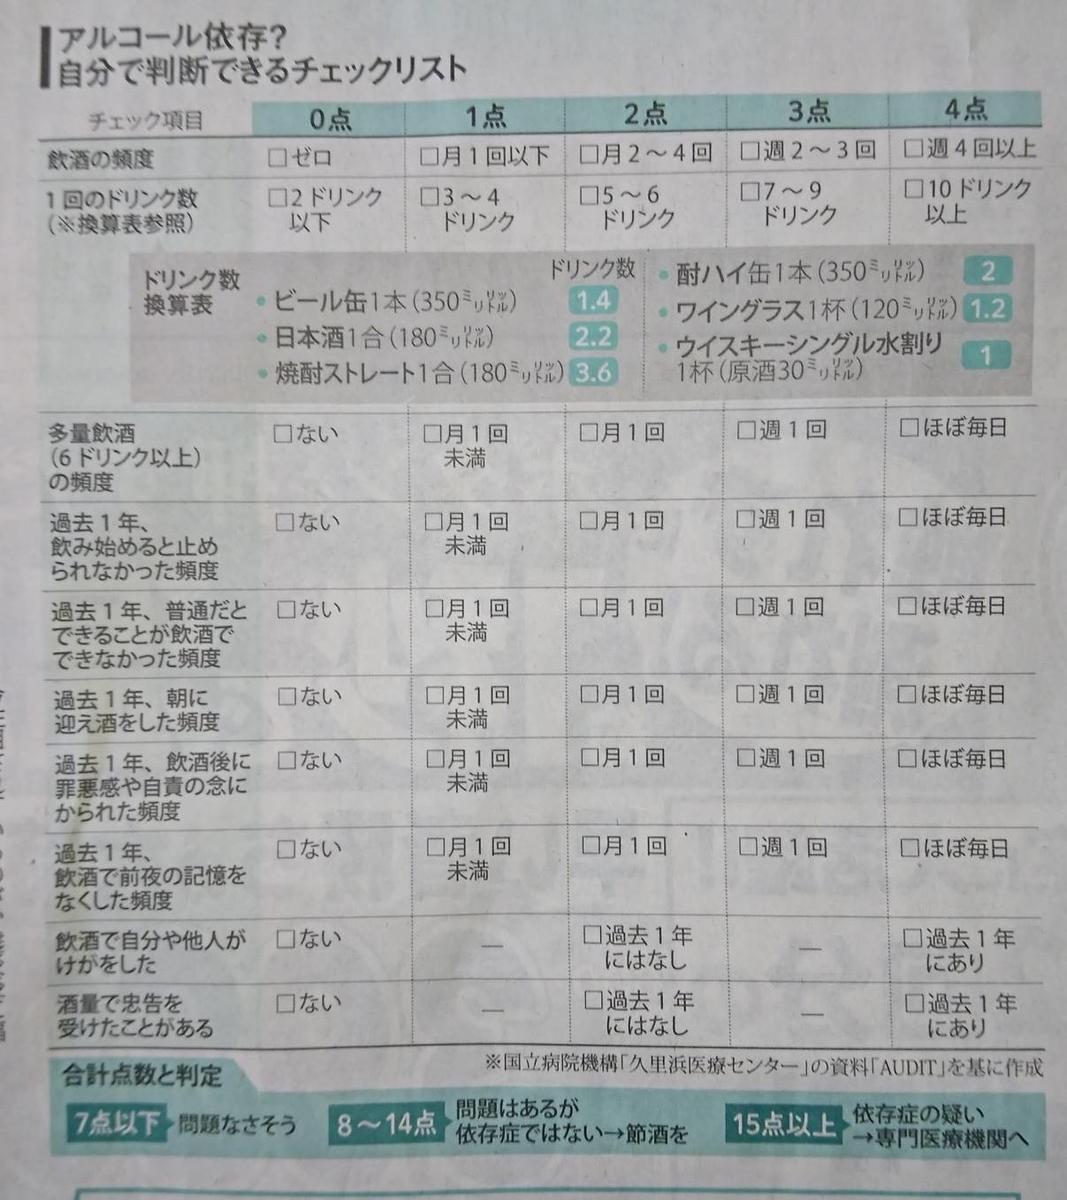 f:id:kazura-kobayashi:20210305115831j:plain